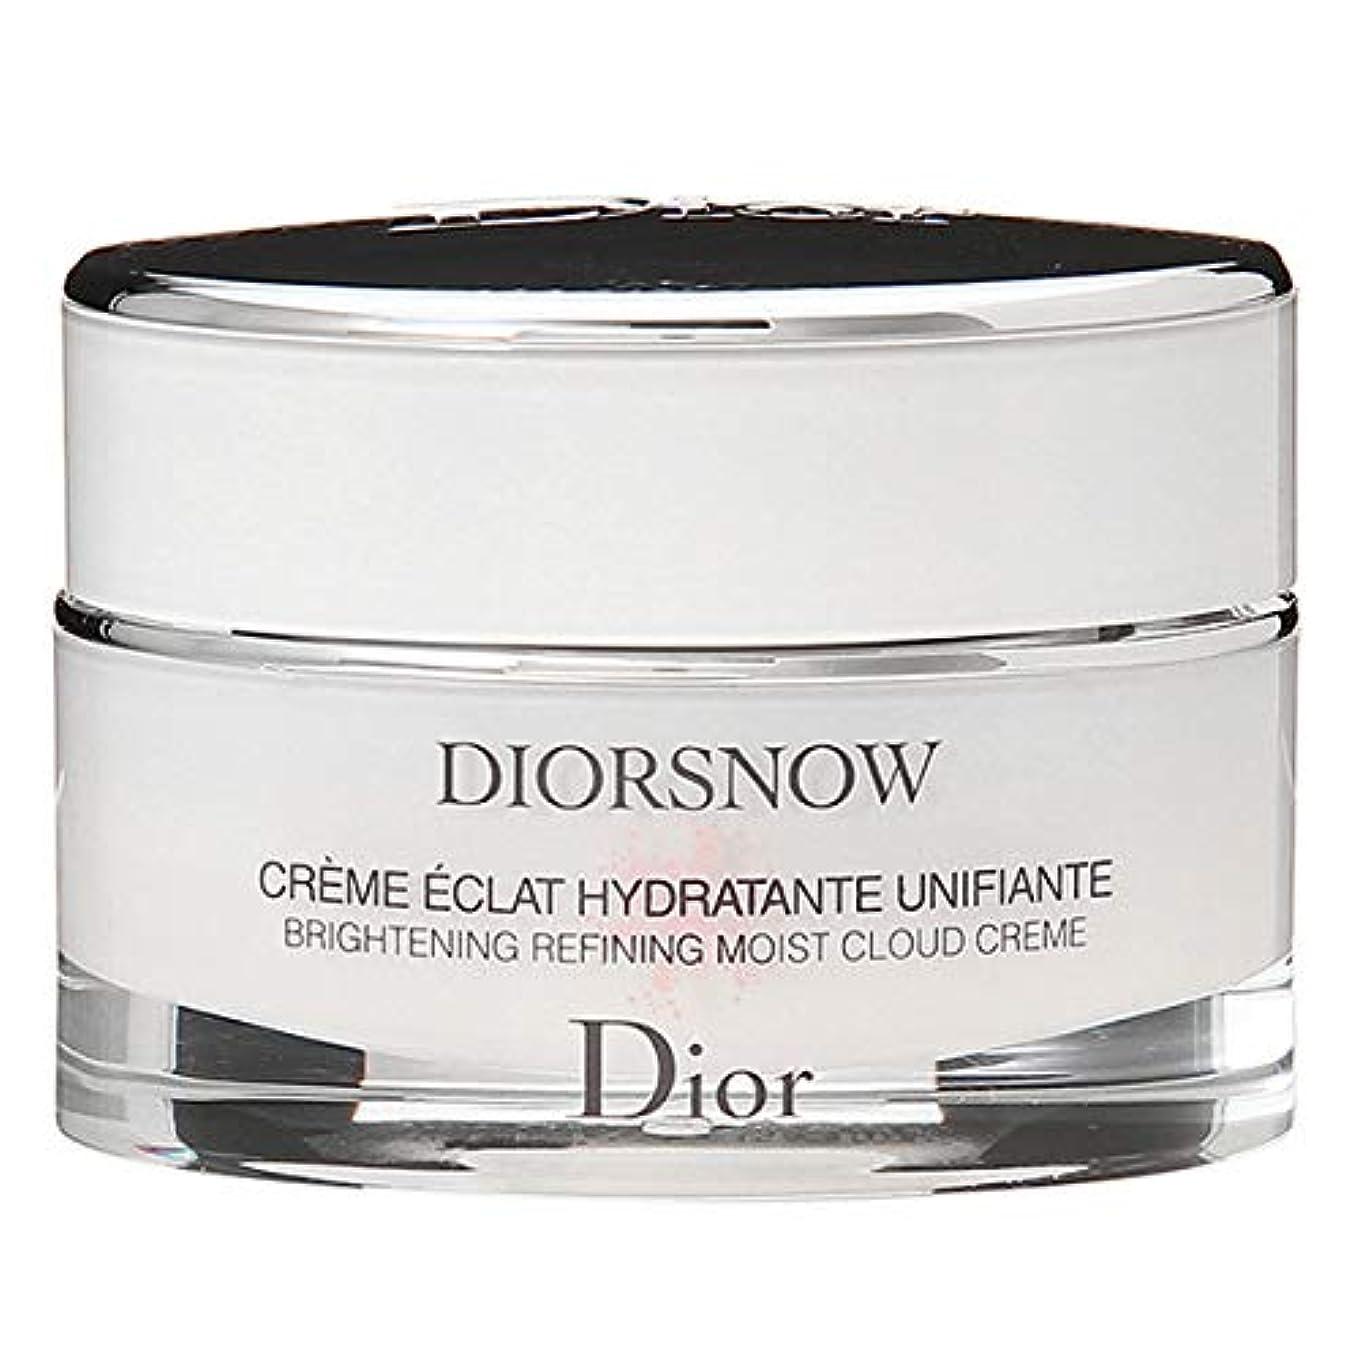 宣言する窓ルーフクリスチャンディオール Christian Dior ディオール スノー ブライトニング モイスト クリーム 50mL [並行輸入品]